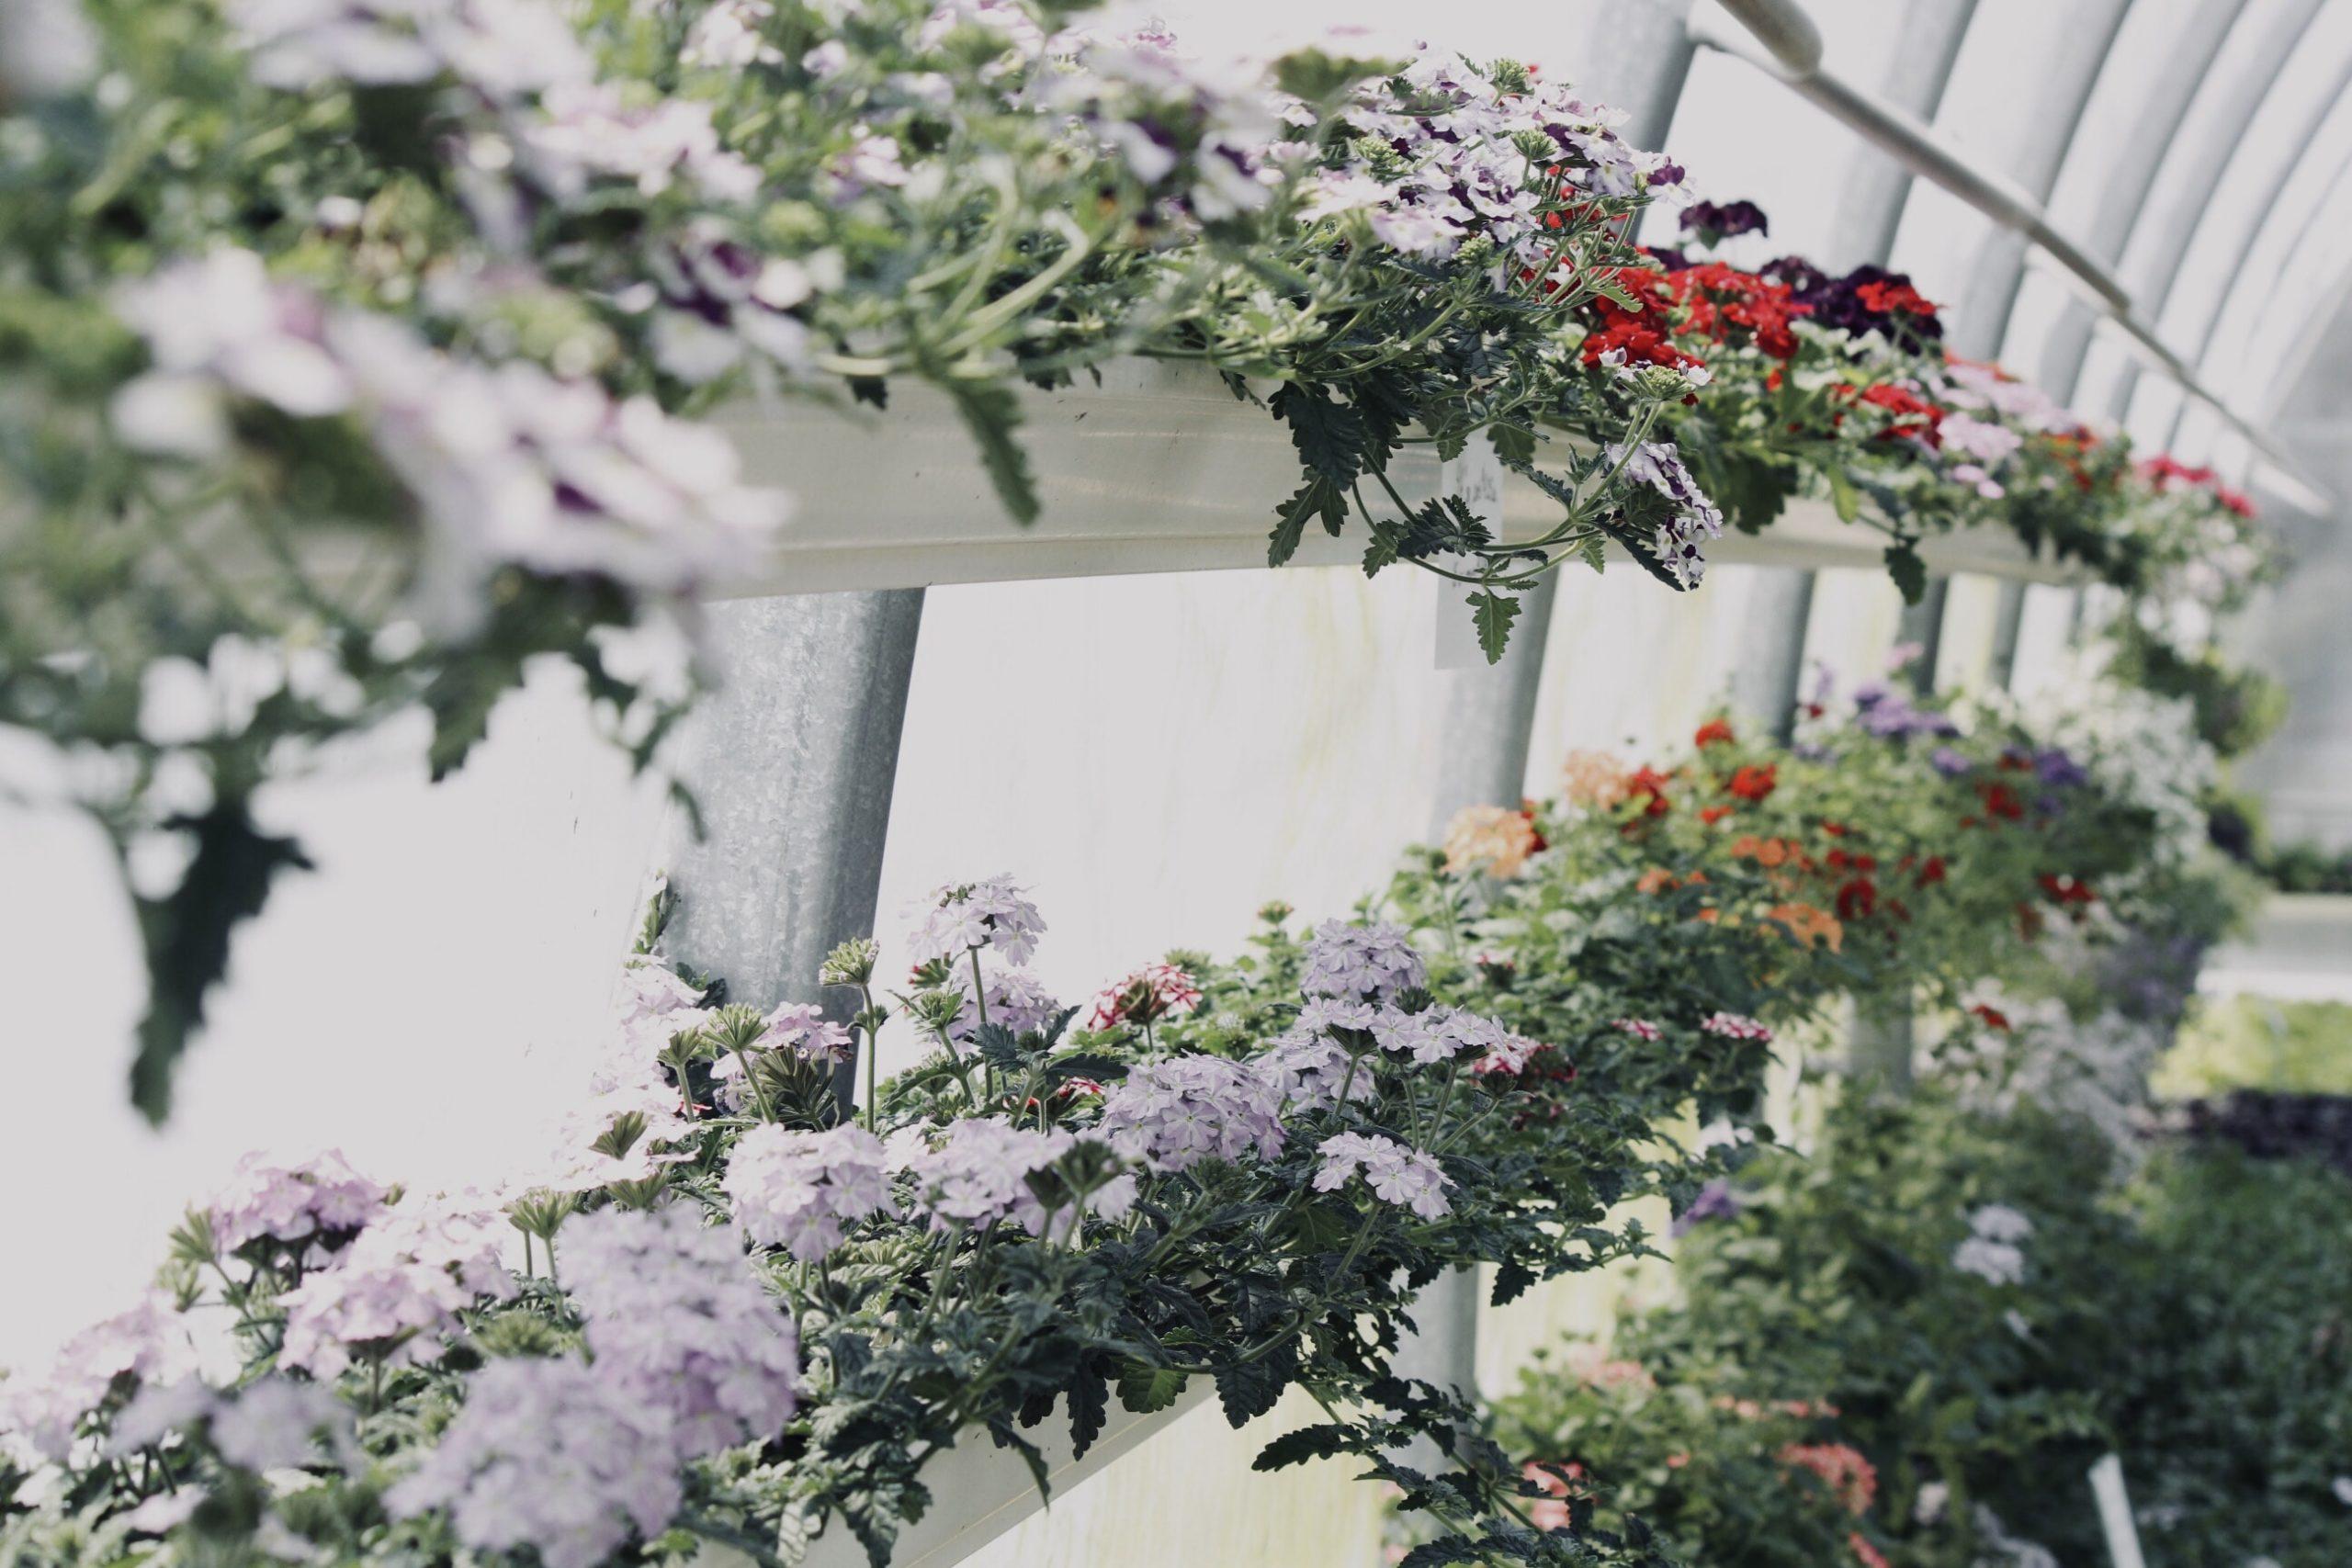 Devenir jardinier paysagiste : comment faire ? 3